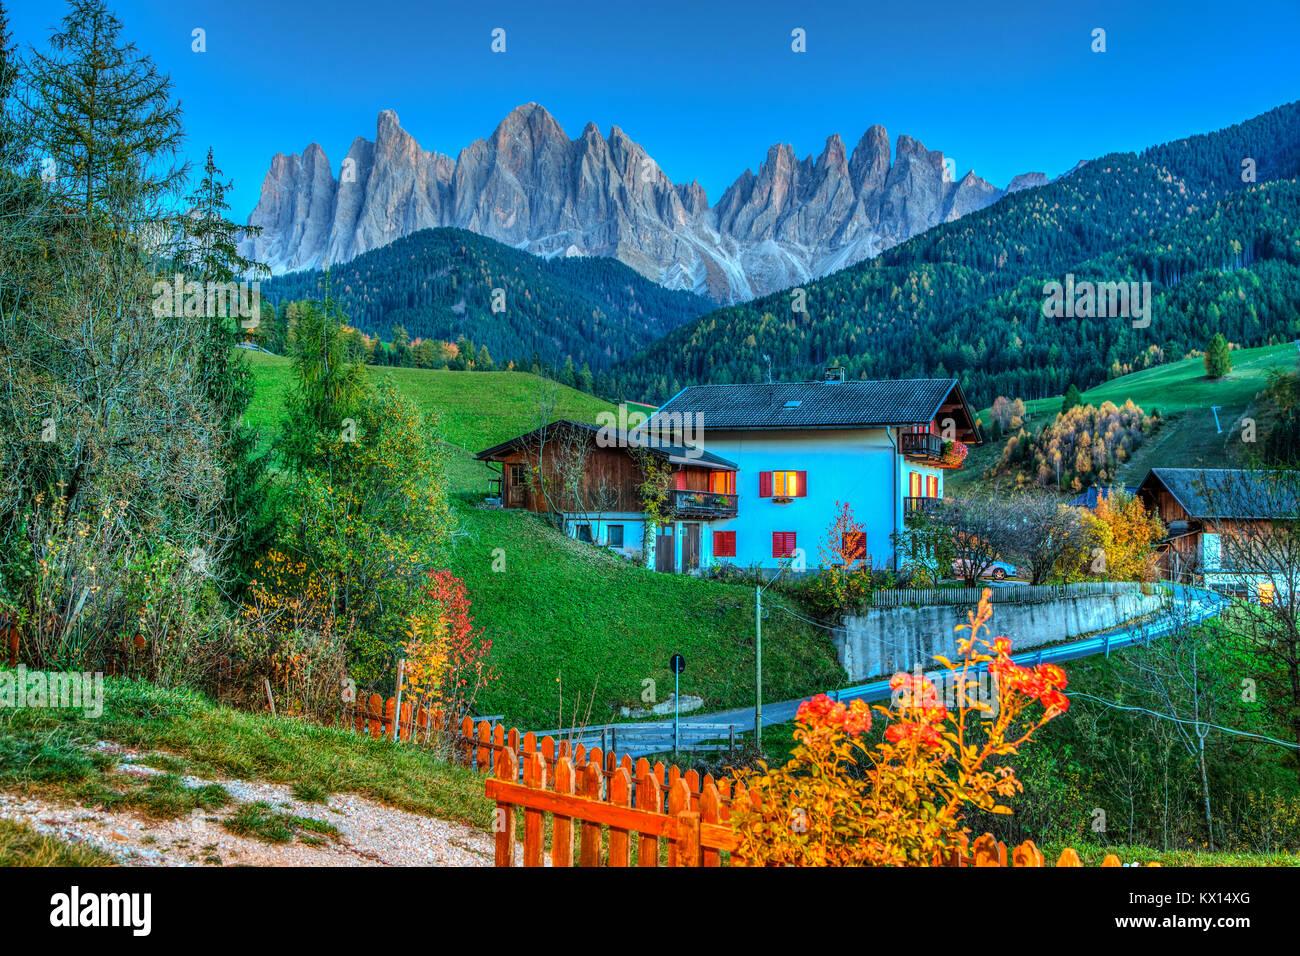 Le Val di Funes Vallée et village de Santa Maddalena avec vue sur les Dolomites, le Tyrol du Sud, Italie, Europe. Banque D'Images